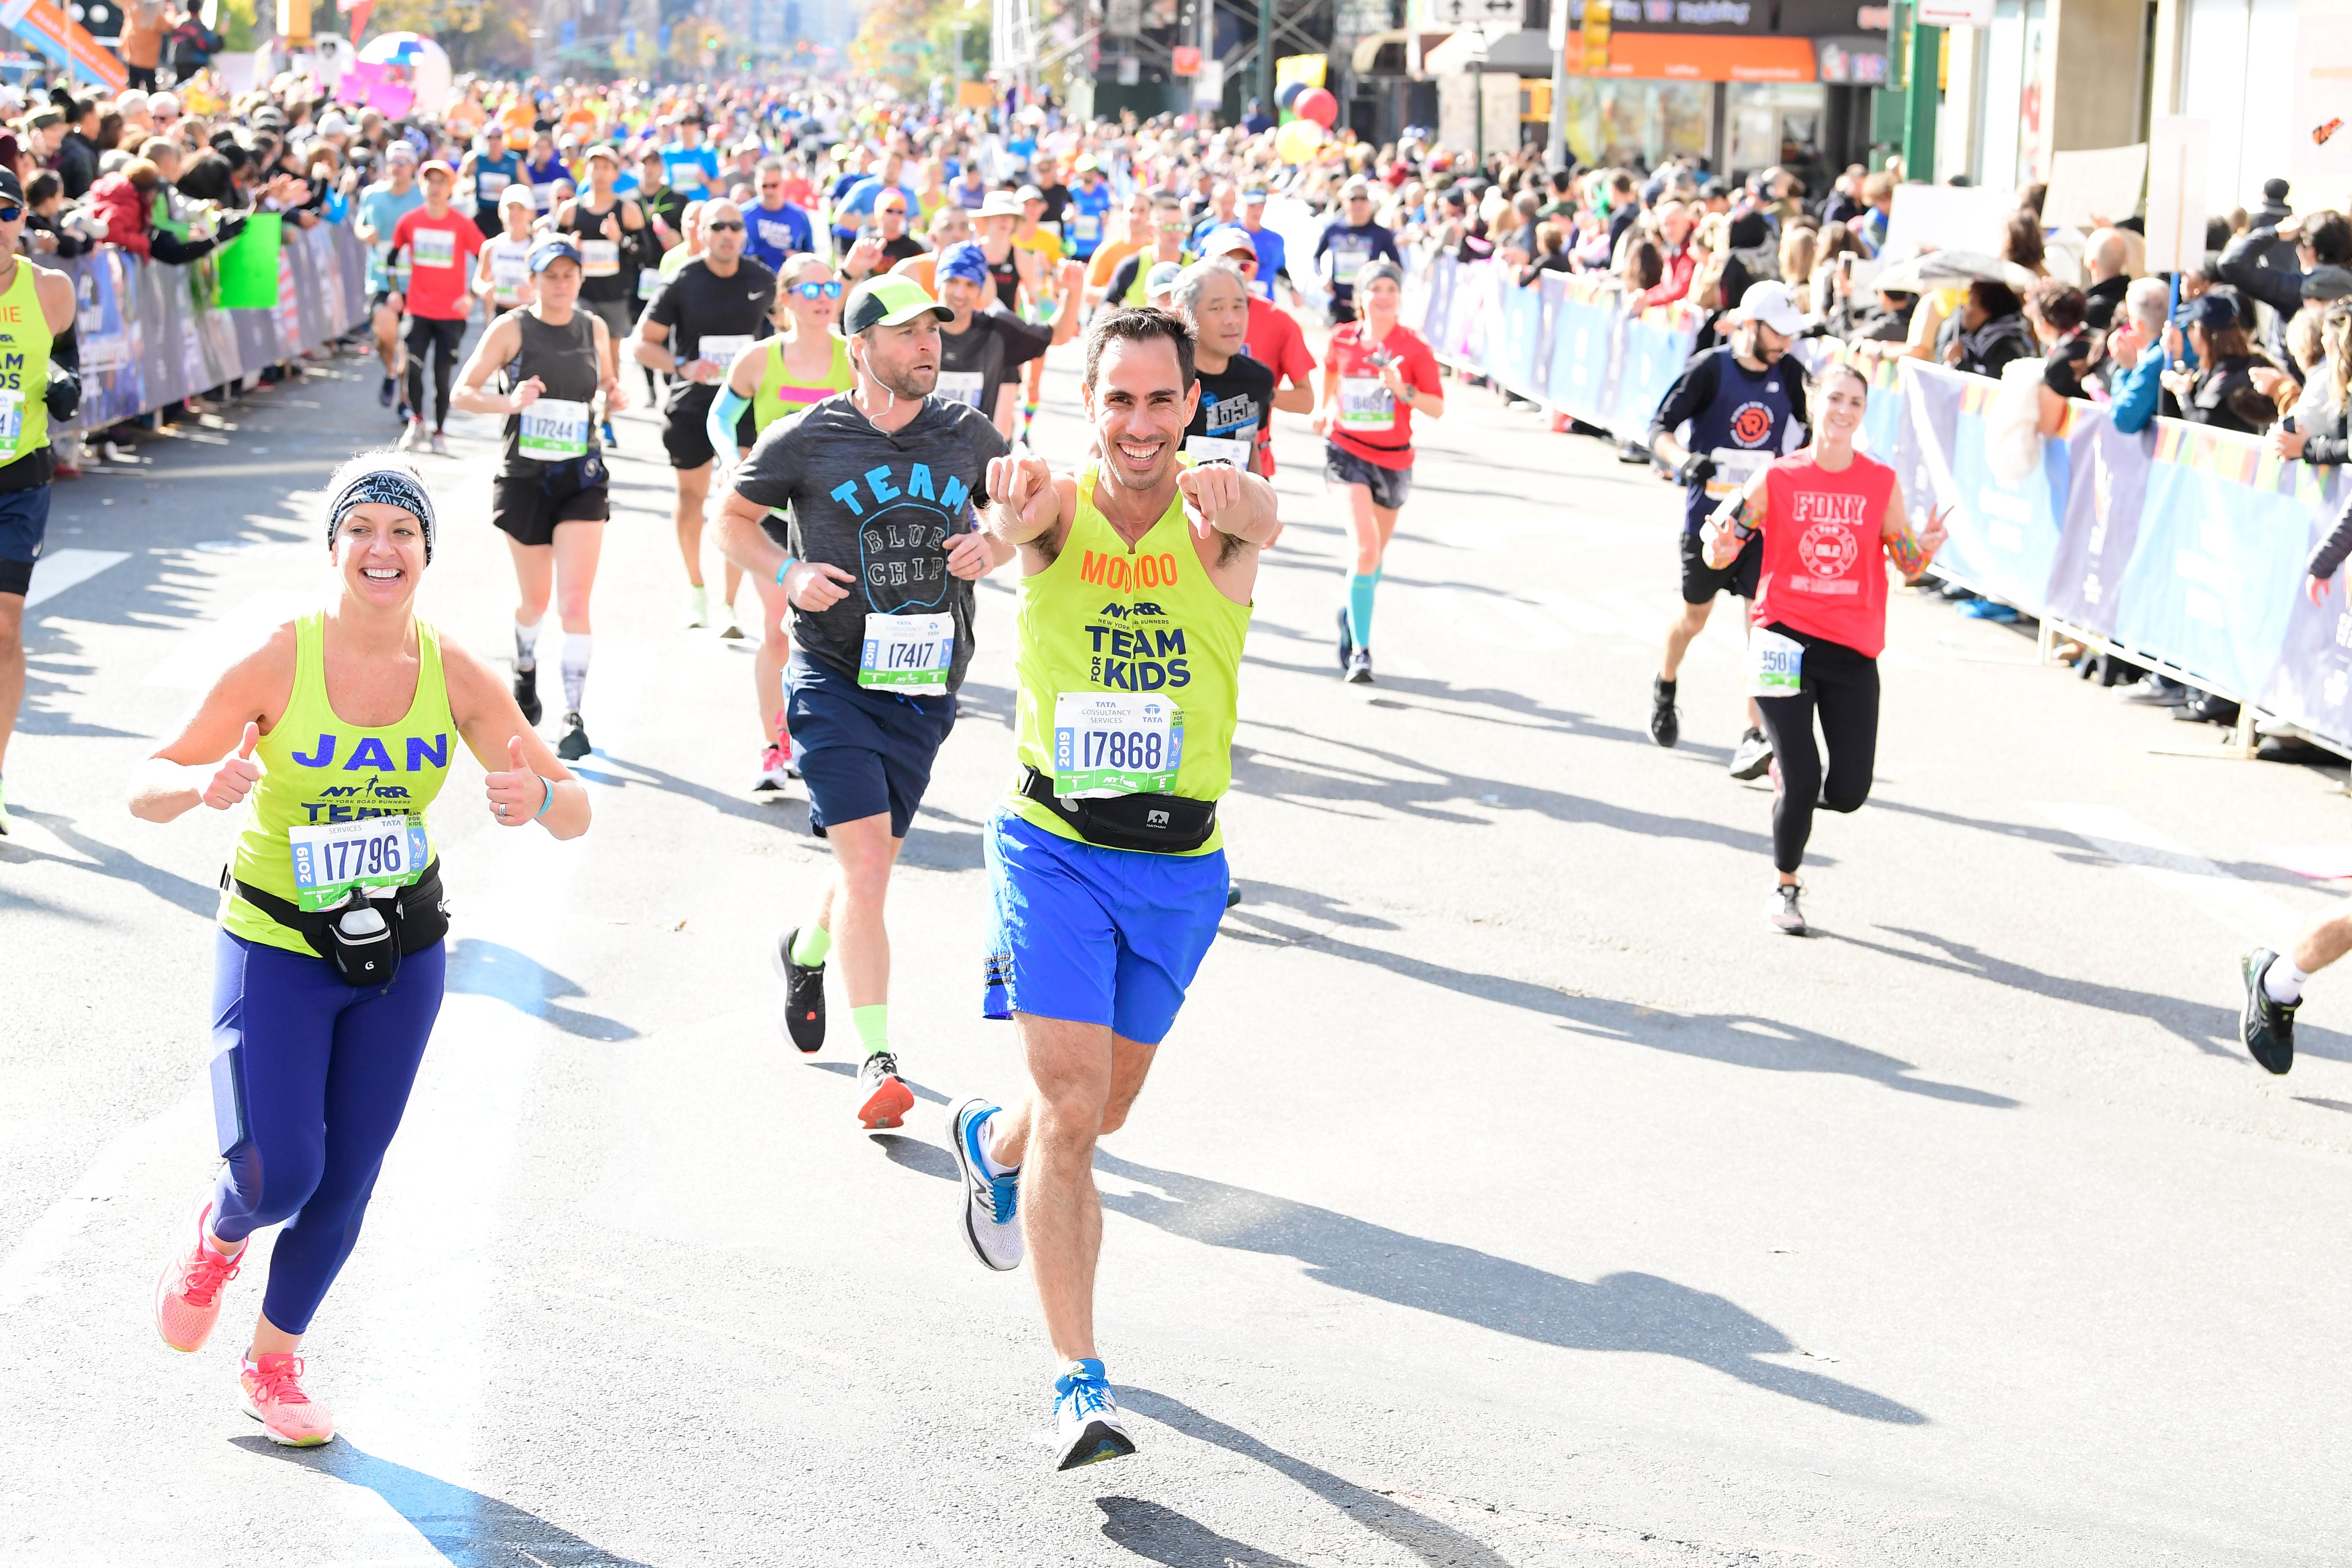 NYRR Team for Kids runners 2019 TCS New York City Marathon